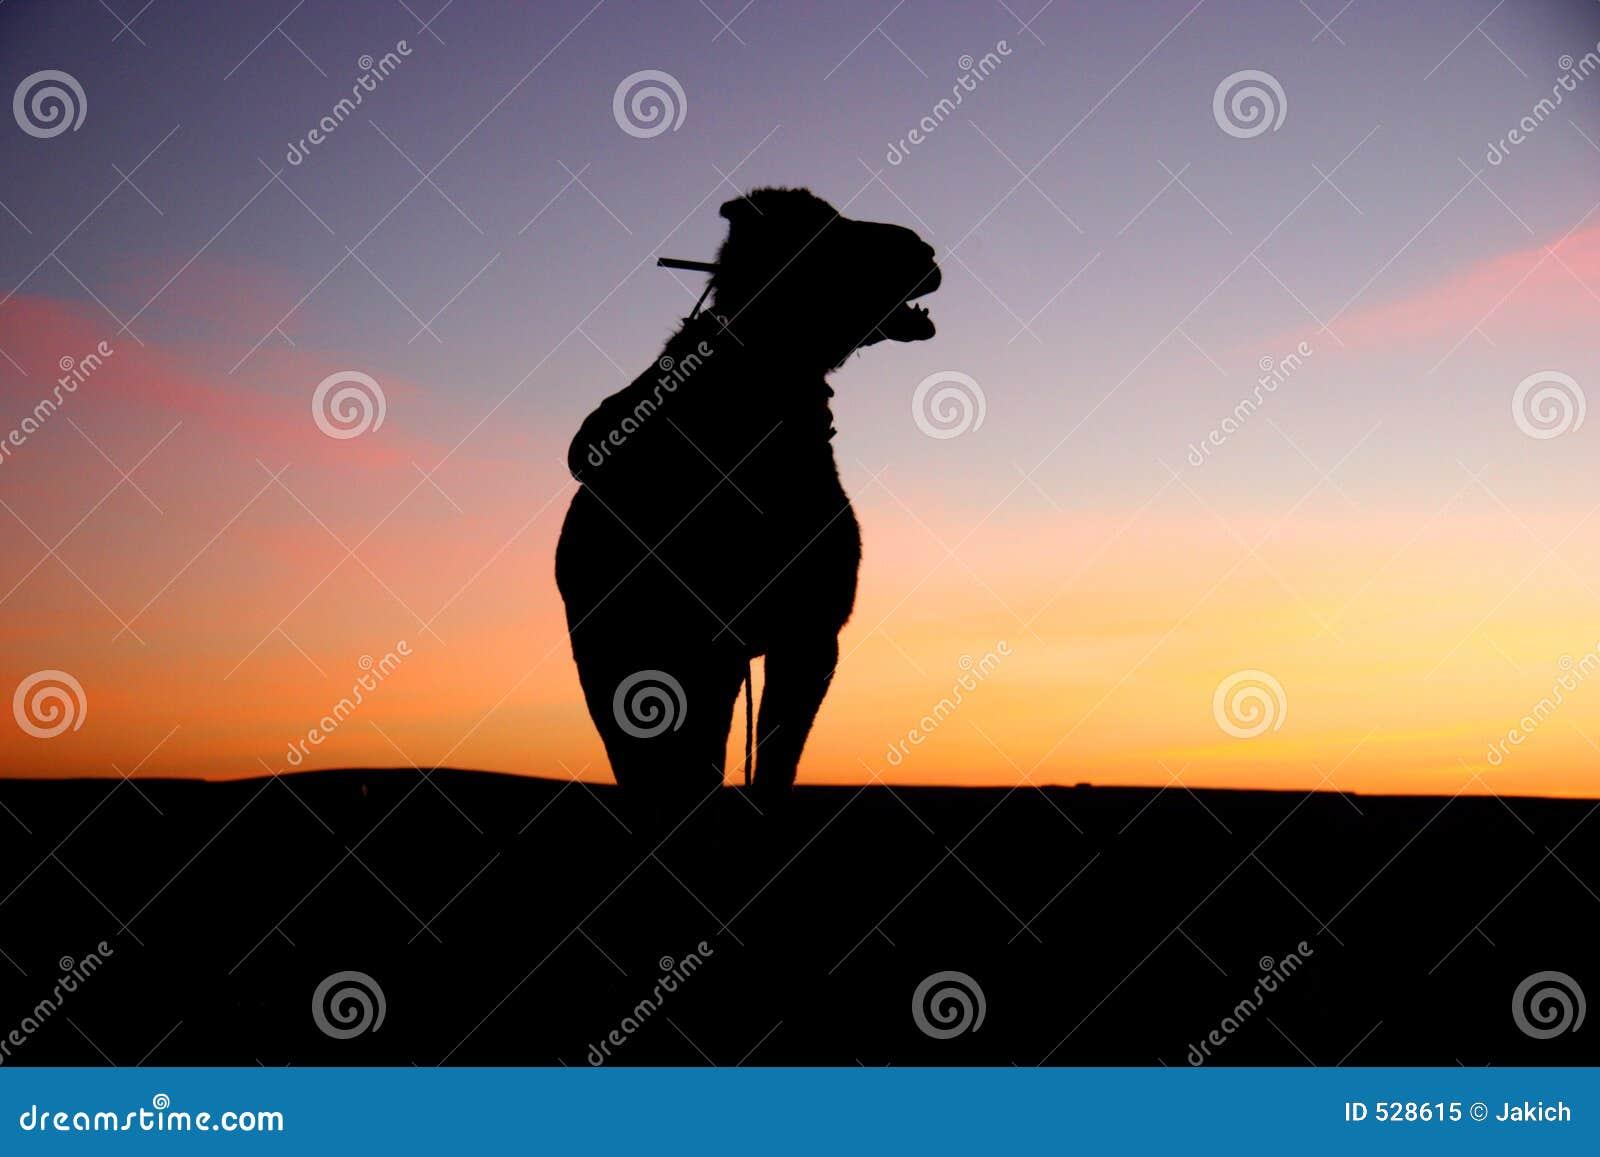 Download 骆驼撒哈拉大沙漠剪影日出 库存图片. 图片 包括有 摩洛哥, 日出, 哺乳动物, 展望期, 敌意, 日落, 骆驼 - 528615